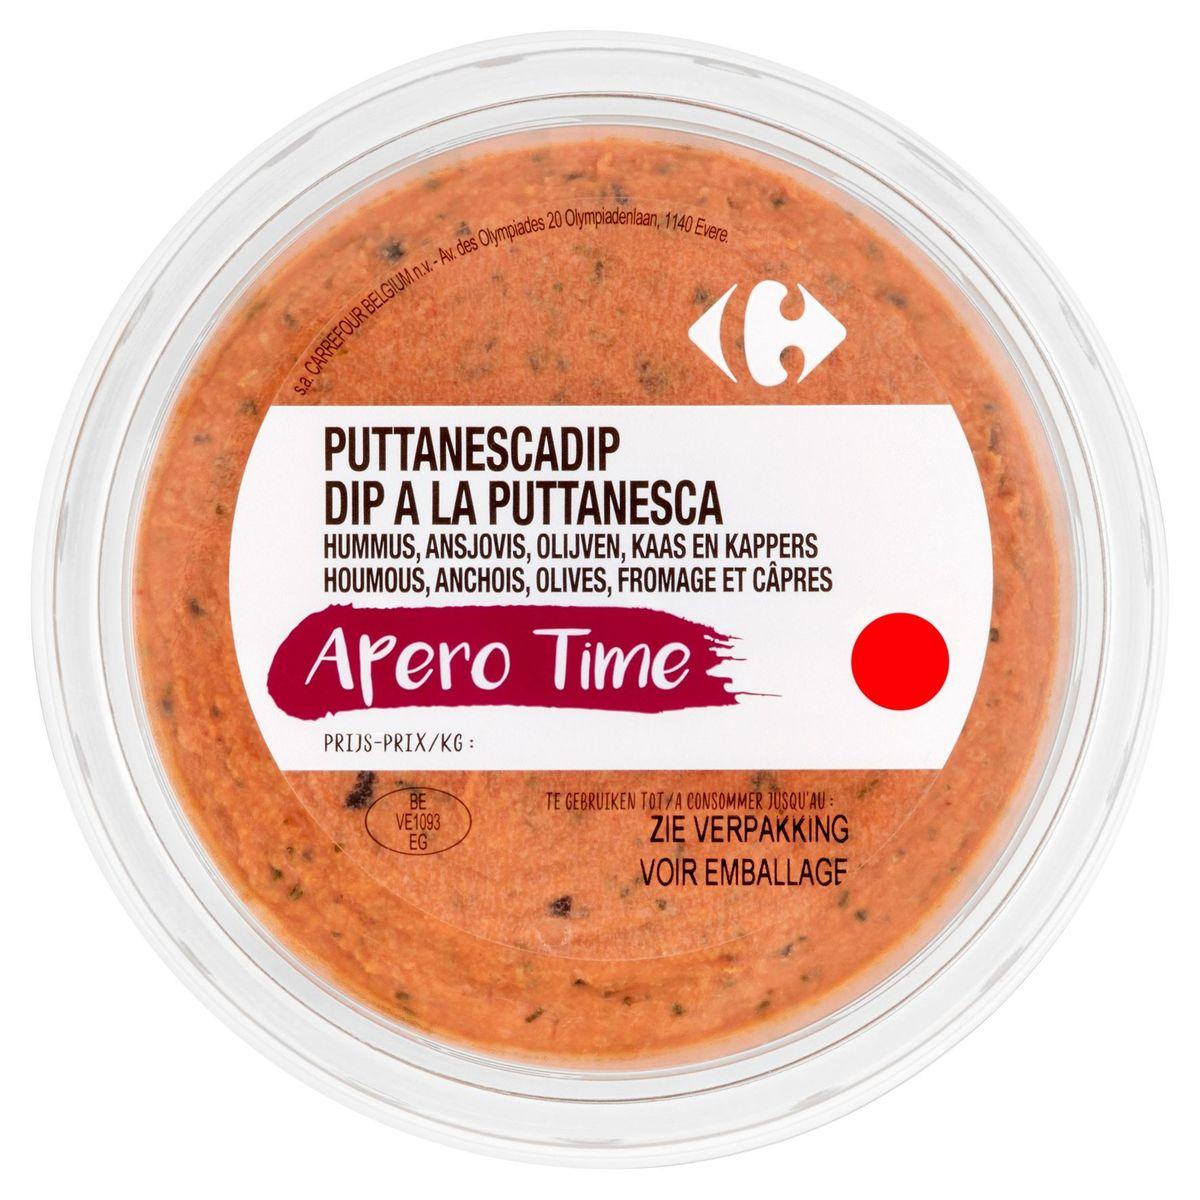 Carrefour Dip Houmous, Anchois, Olives, Fromage & Câpres 180 g